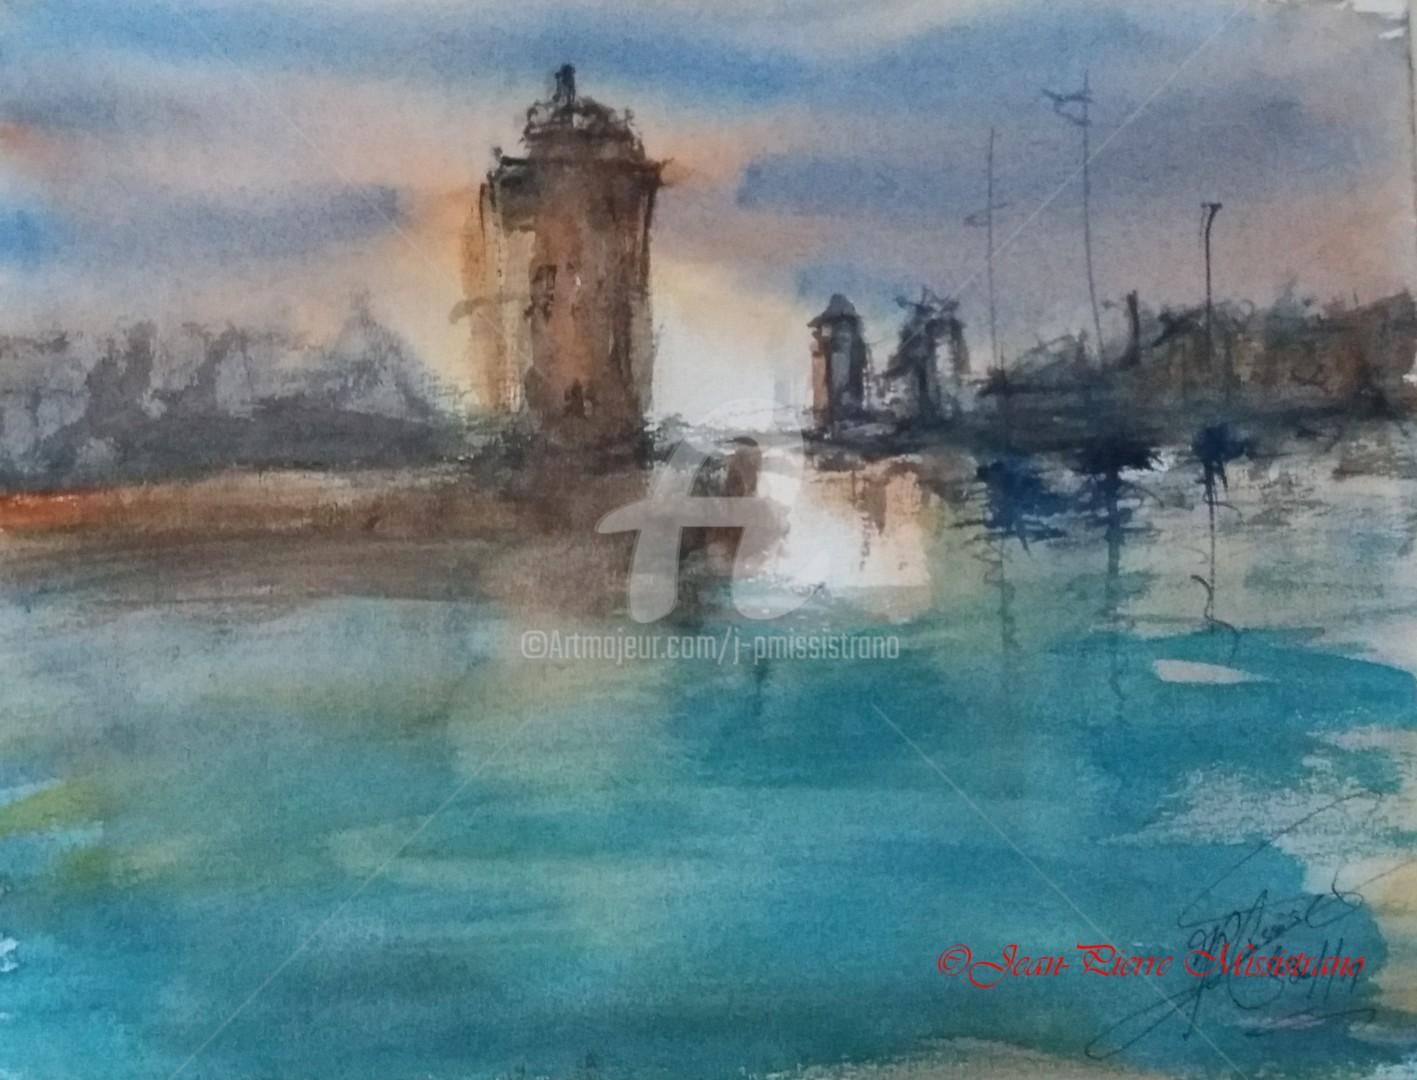 Jean-Pierre Missistrano - Entrée d'un port